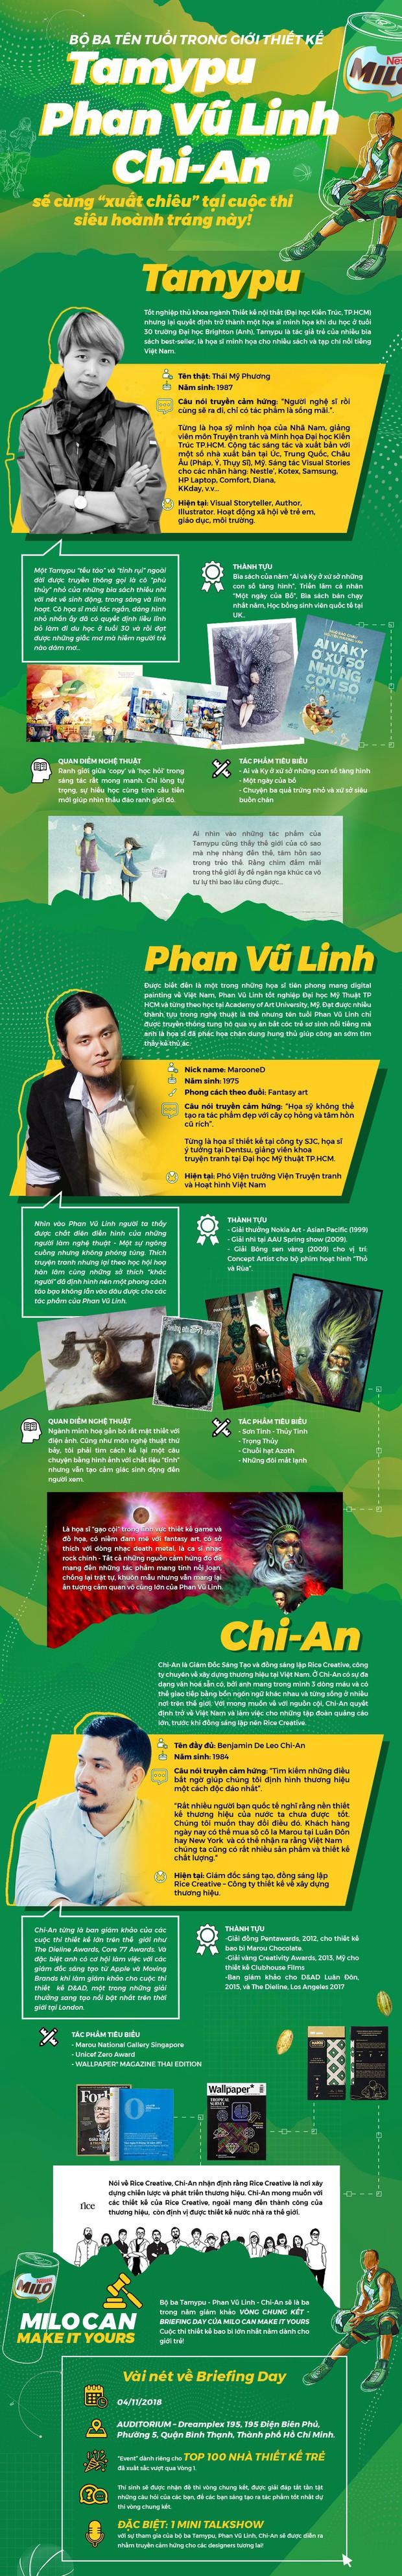 """Bộ ba tên tuổi trong giới thiết kế Tamypu, Phan Vũ Linh, Chi-An sẽ cùng """"xuất chiêu"""" tại cuộc thi siêu hoành tráng này! - Ảnh 1."""